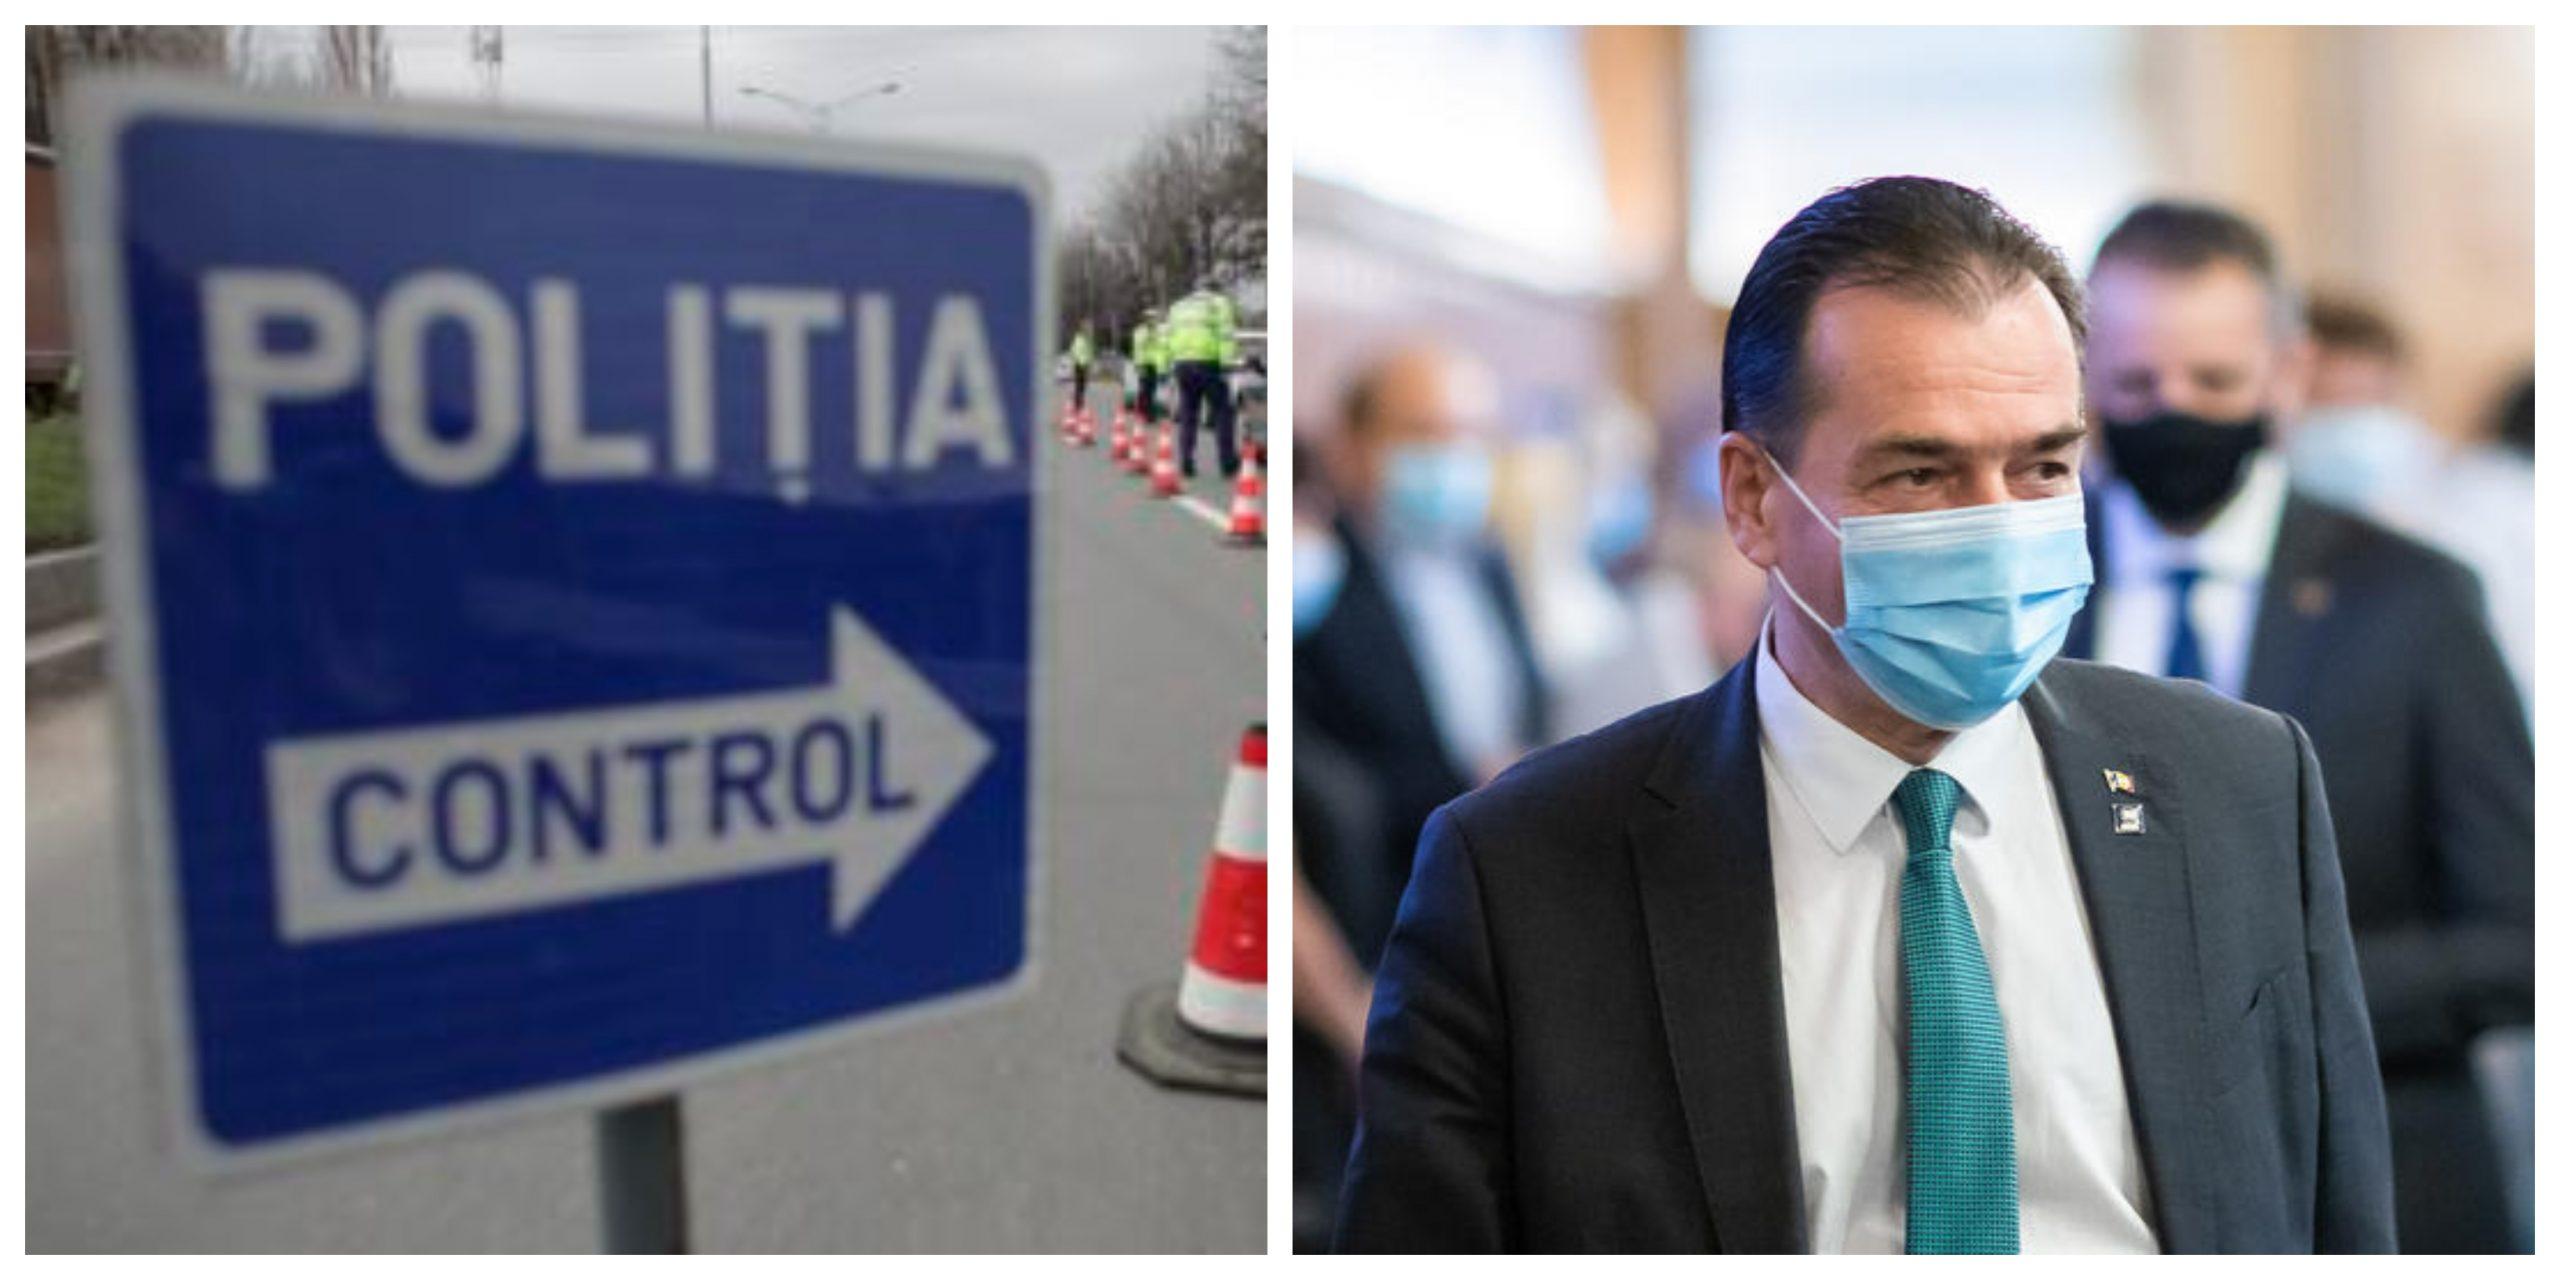 Noi restricții ar putea fi impuse în România. Anunț important din partea lui Orban